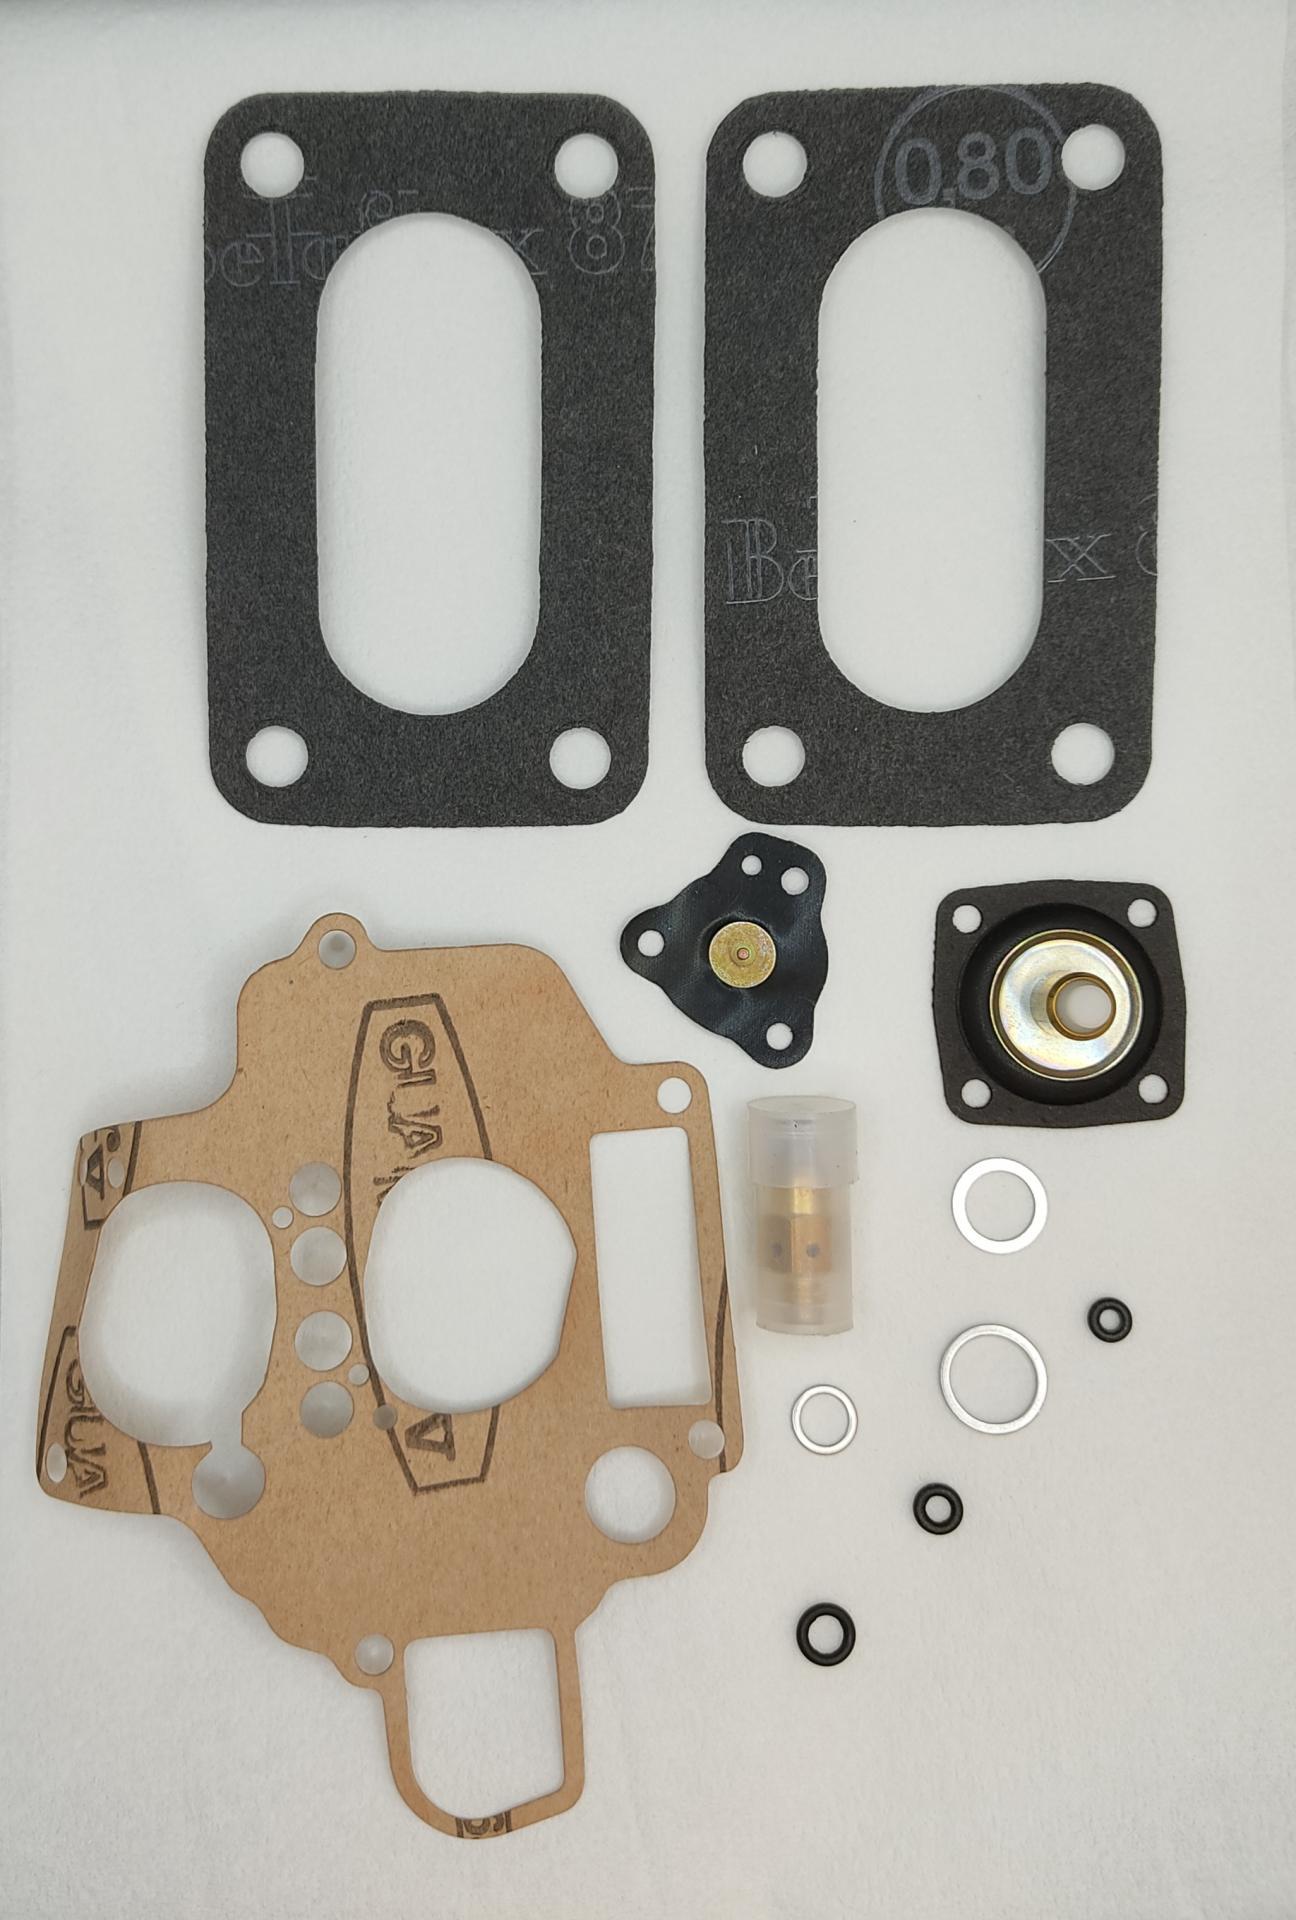 Juego reparación carburador de Ford Escort y Ford Orion